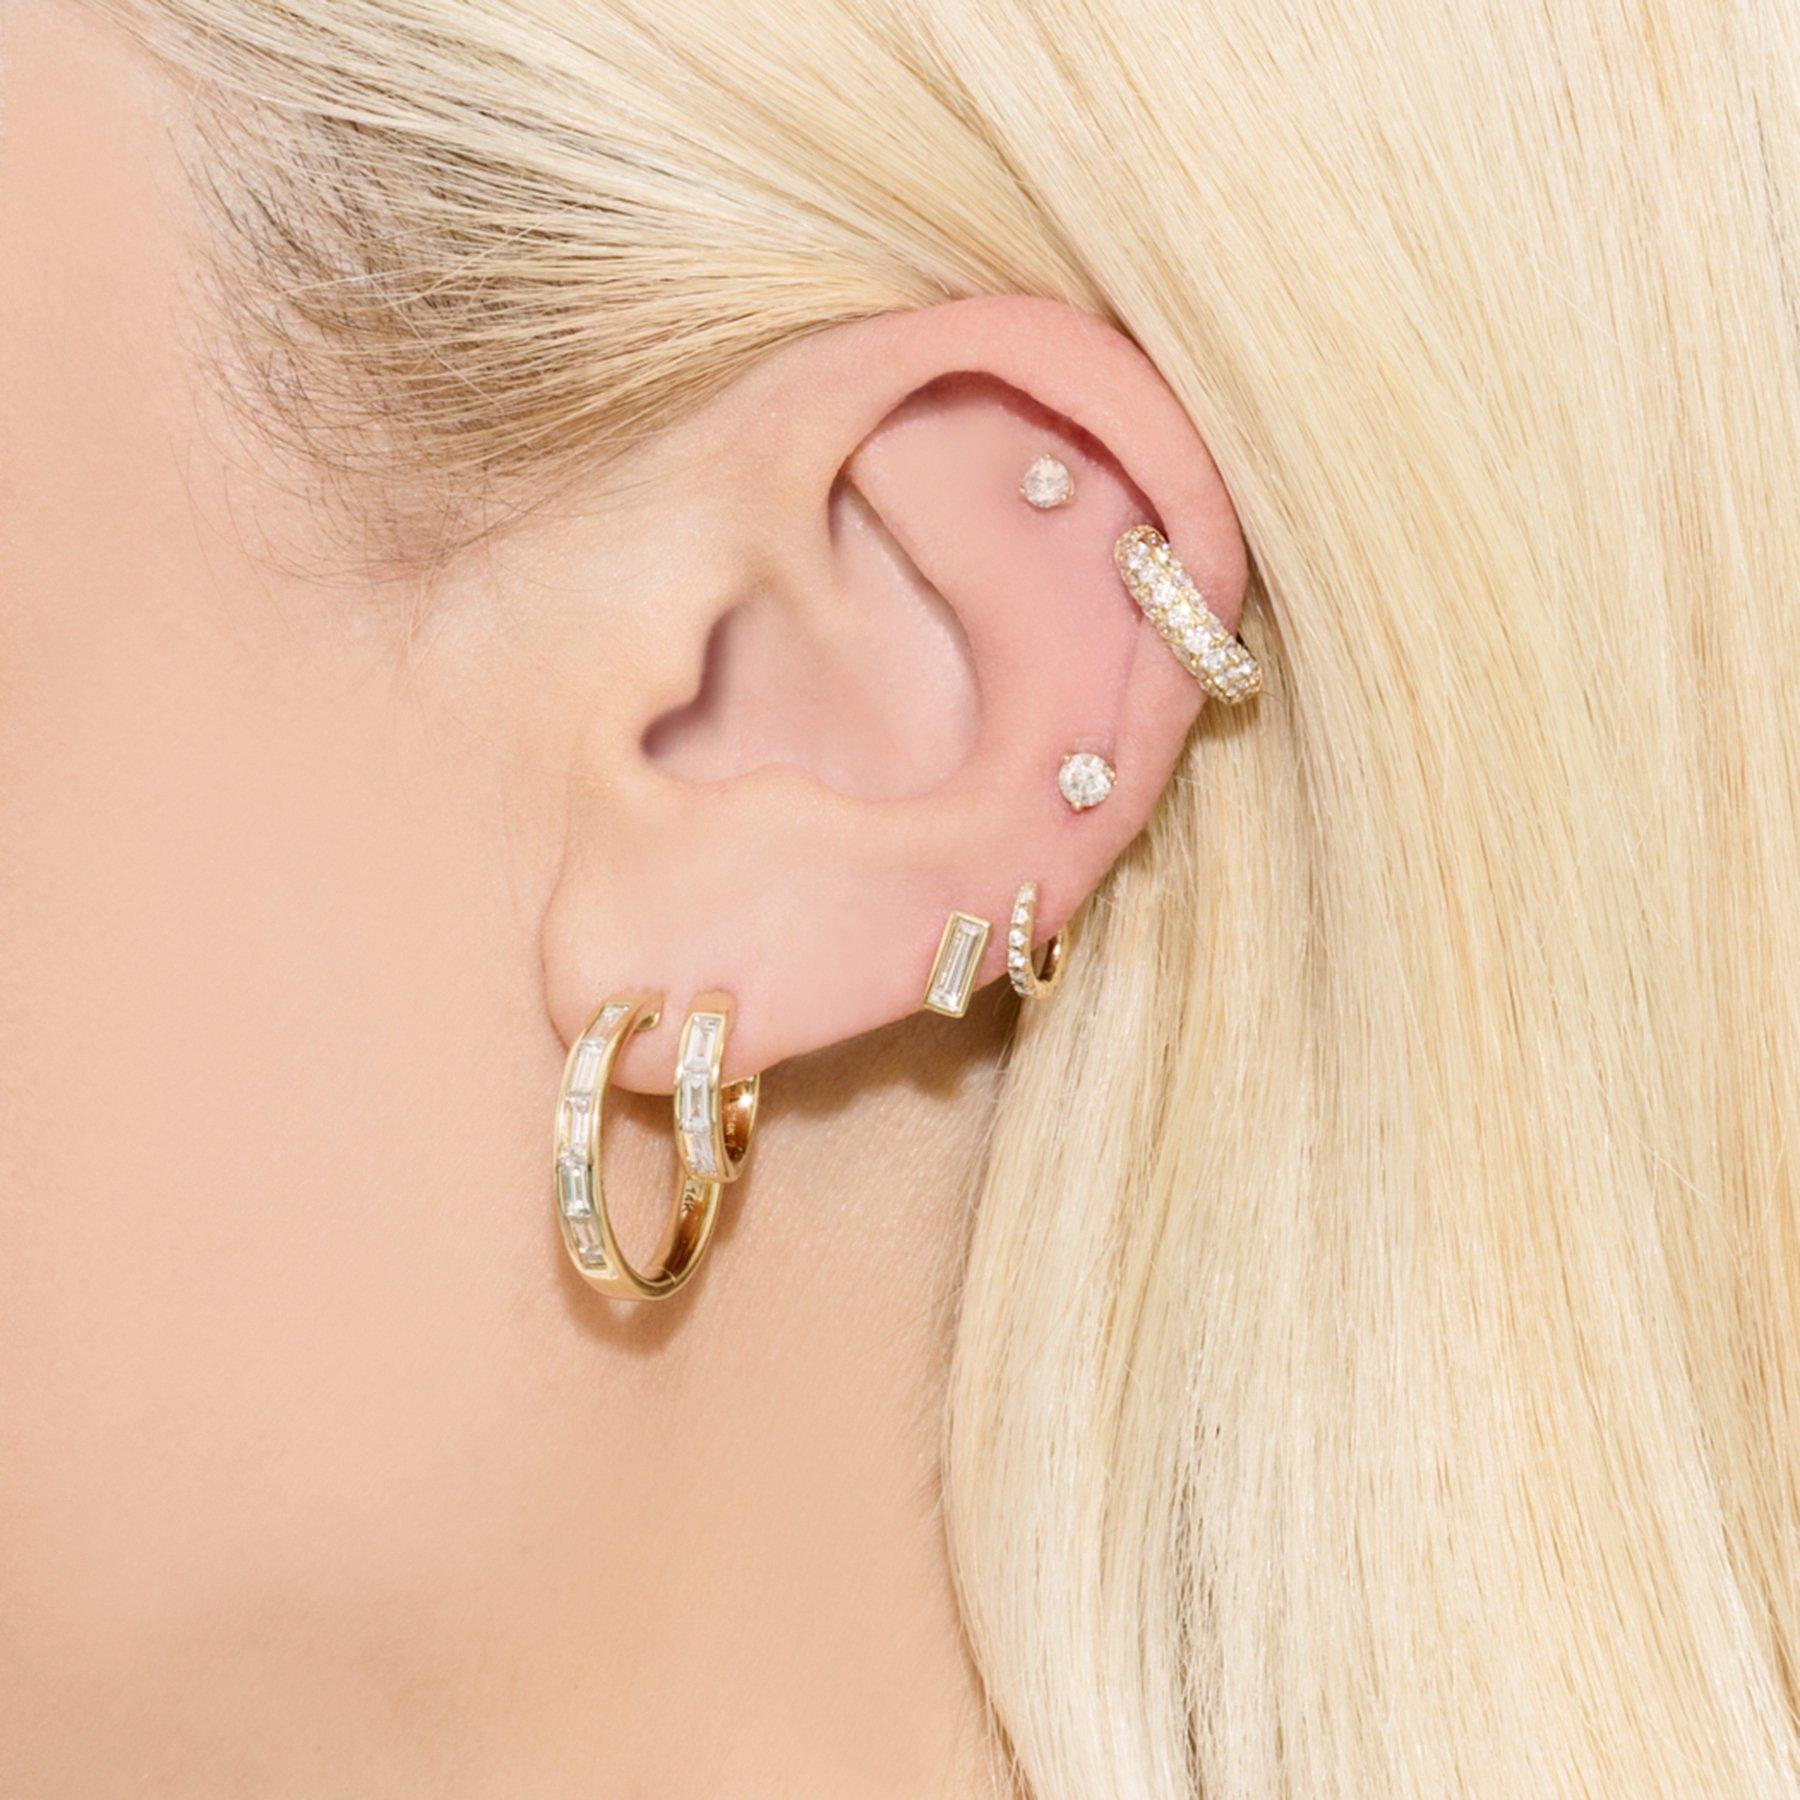 Hoops Of Our Dreams The Wear Every Single Day Design Is Updated With Eye Catching Baguette Diamond Stones 14k Ye Ear Jewelry Earrings Double Pierced Earrings